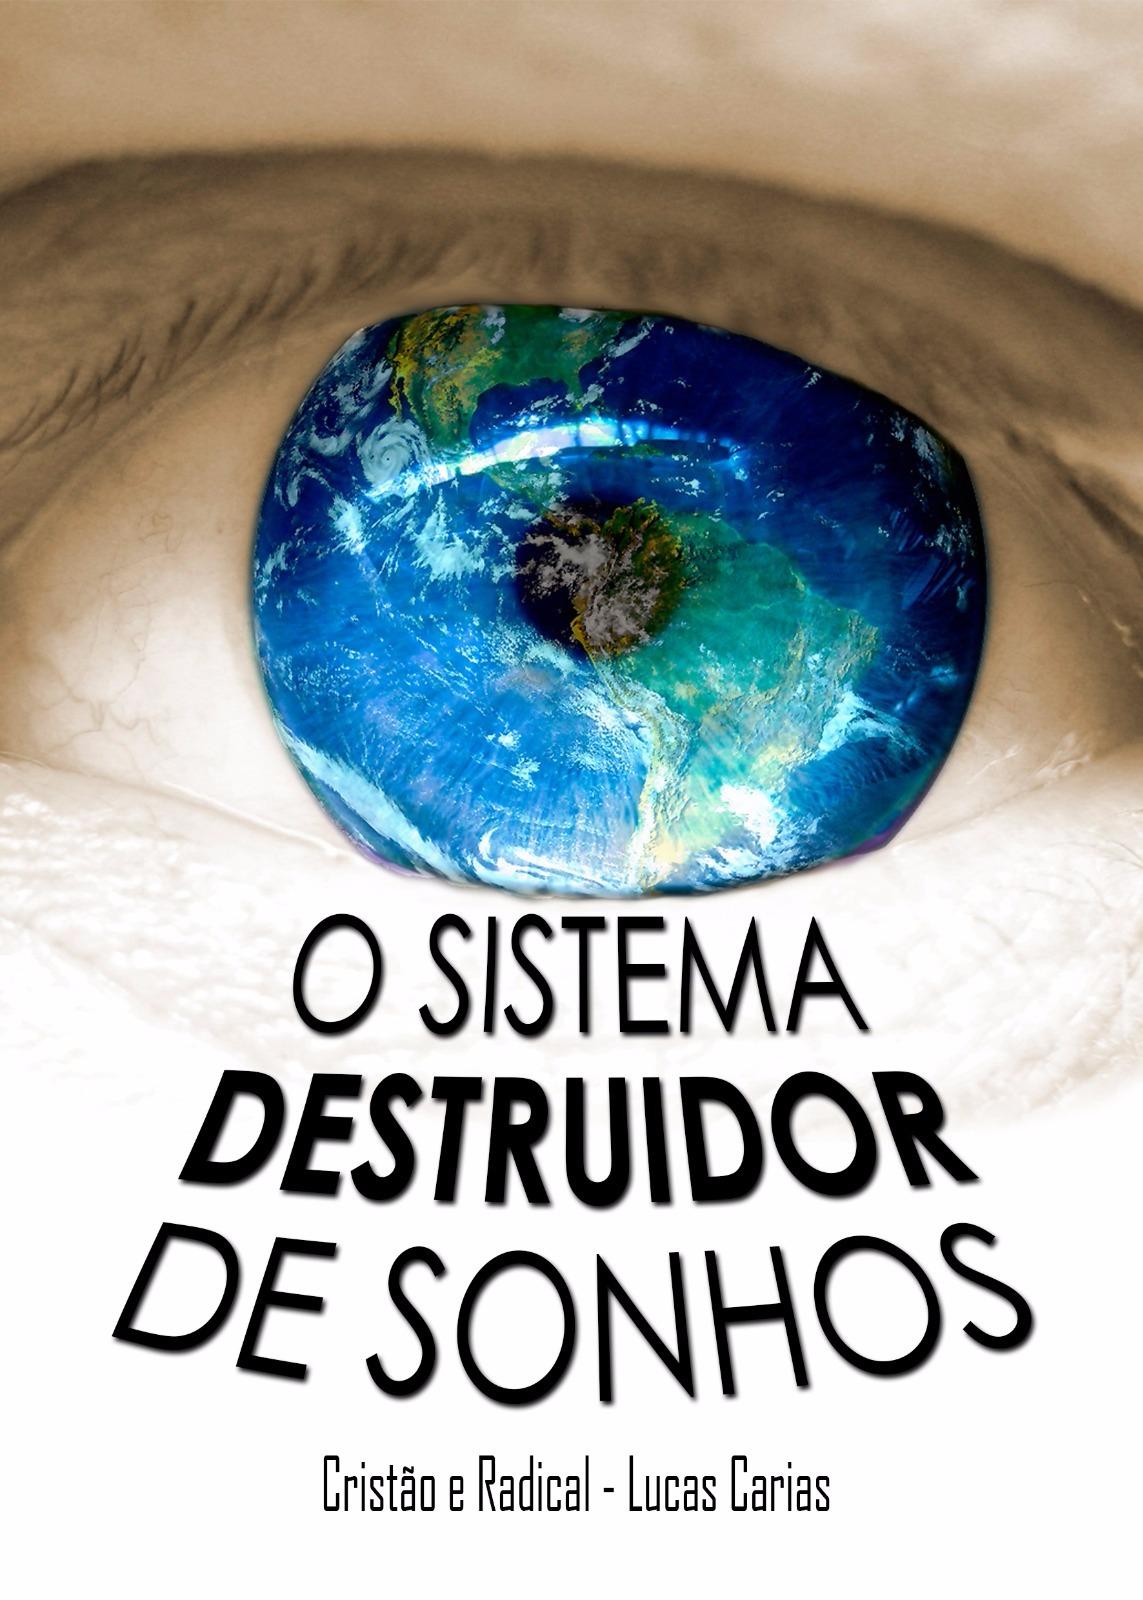 Adquira o Livro - O sistema Destruidor de Sonhos